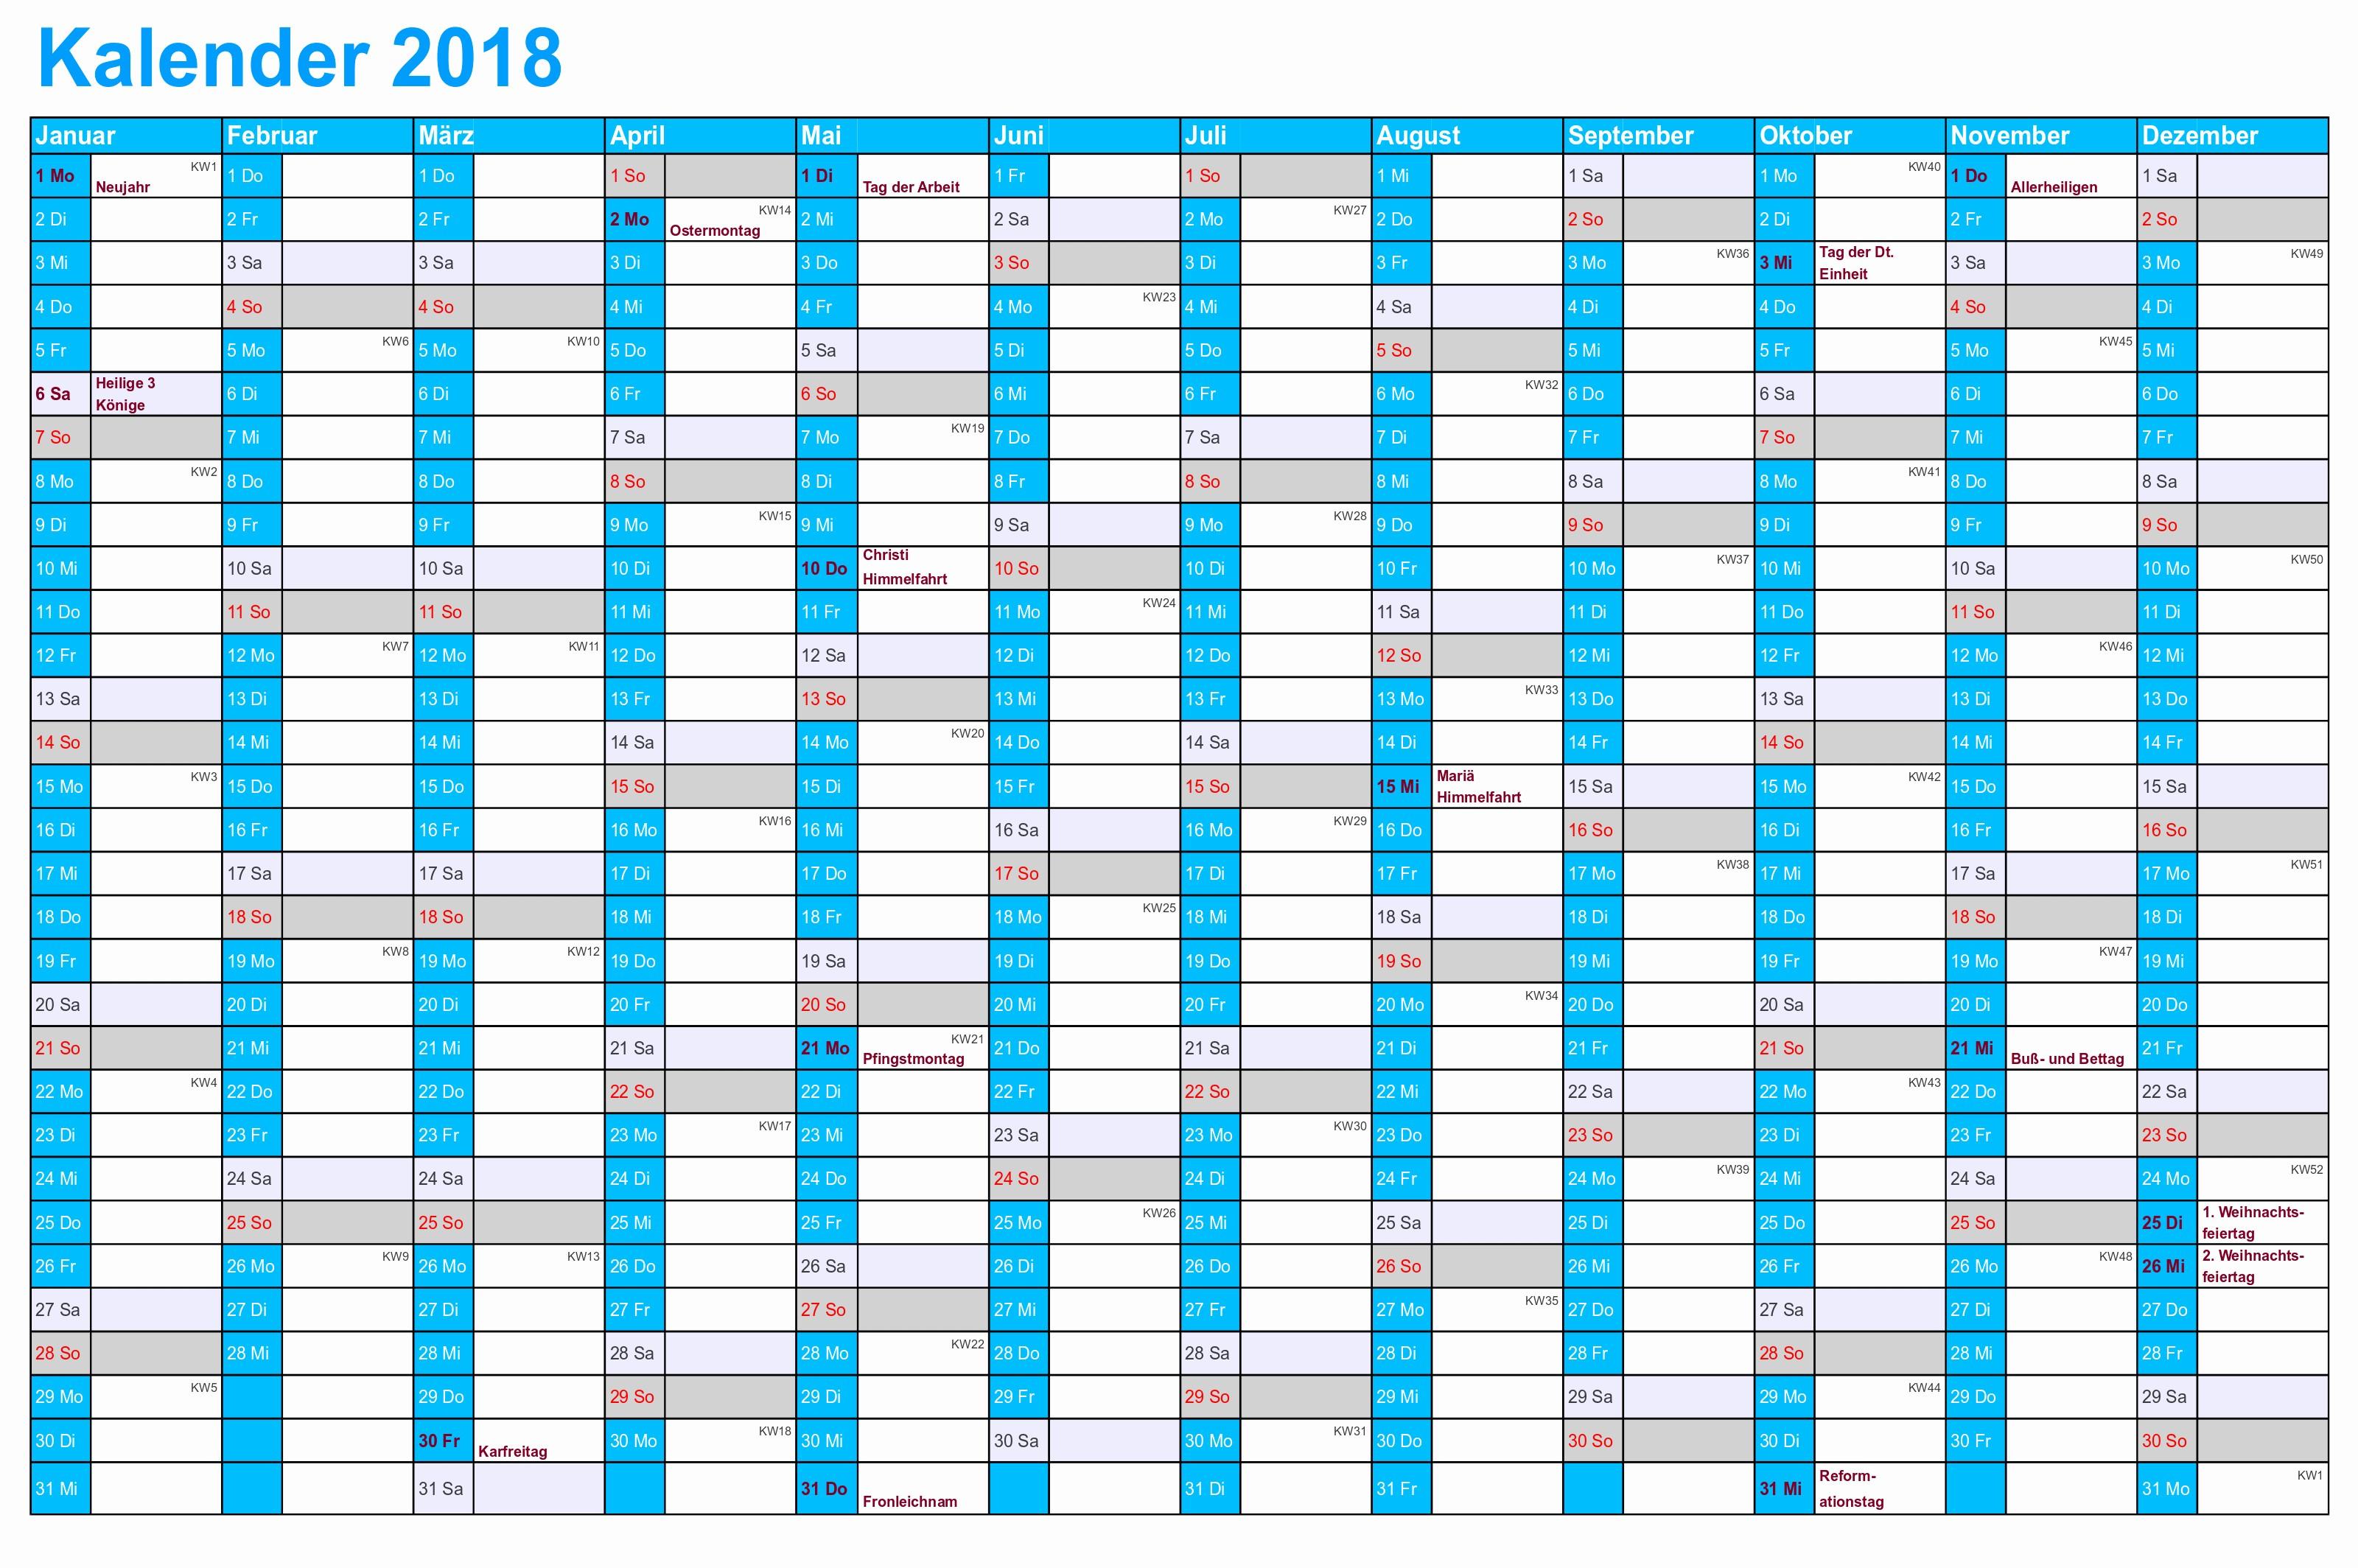 Kalender 2019 Excel Sachsen Anhalt Más Caliente Kalender Feriertage 2019 2020 Kalender 2019 Schweiz Ausdrucken